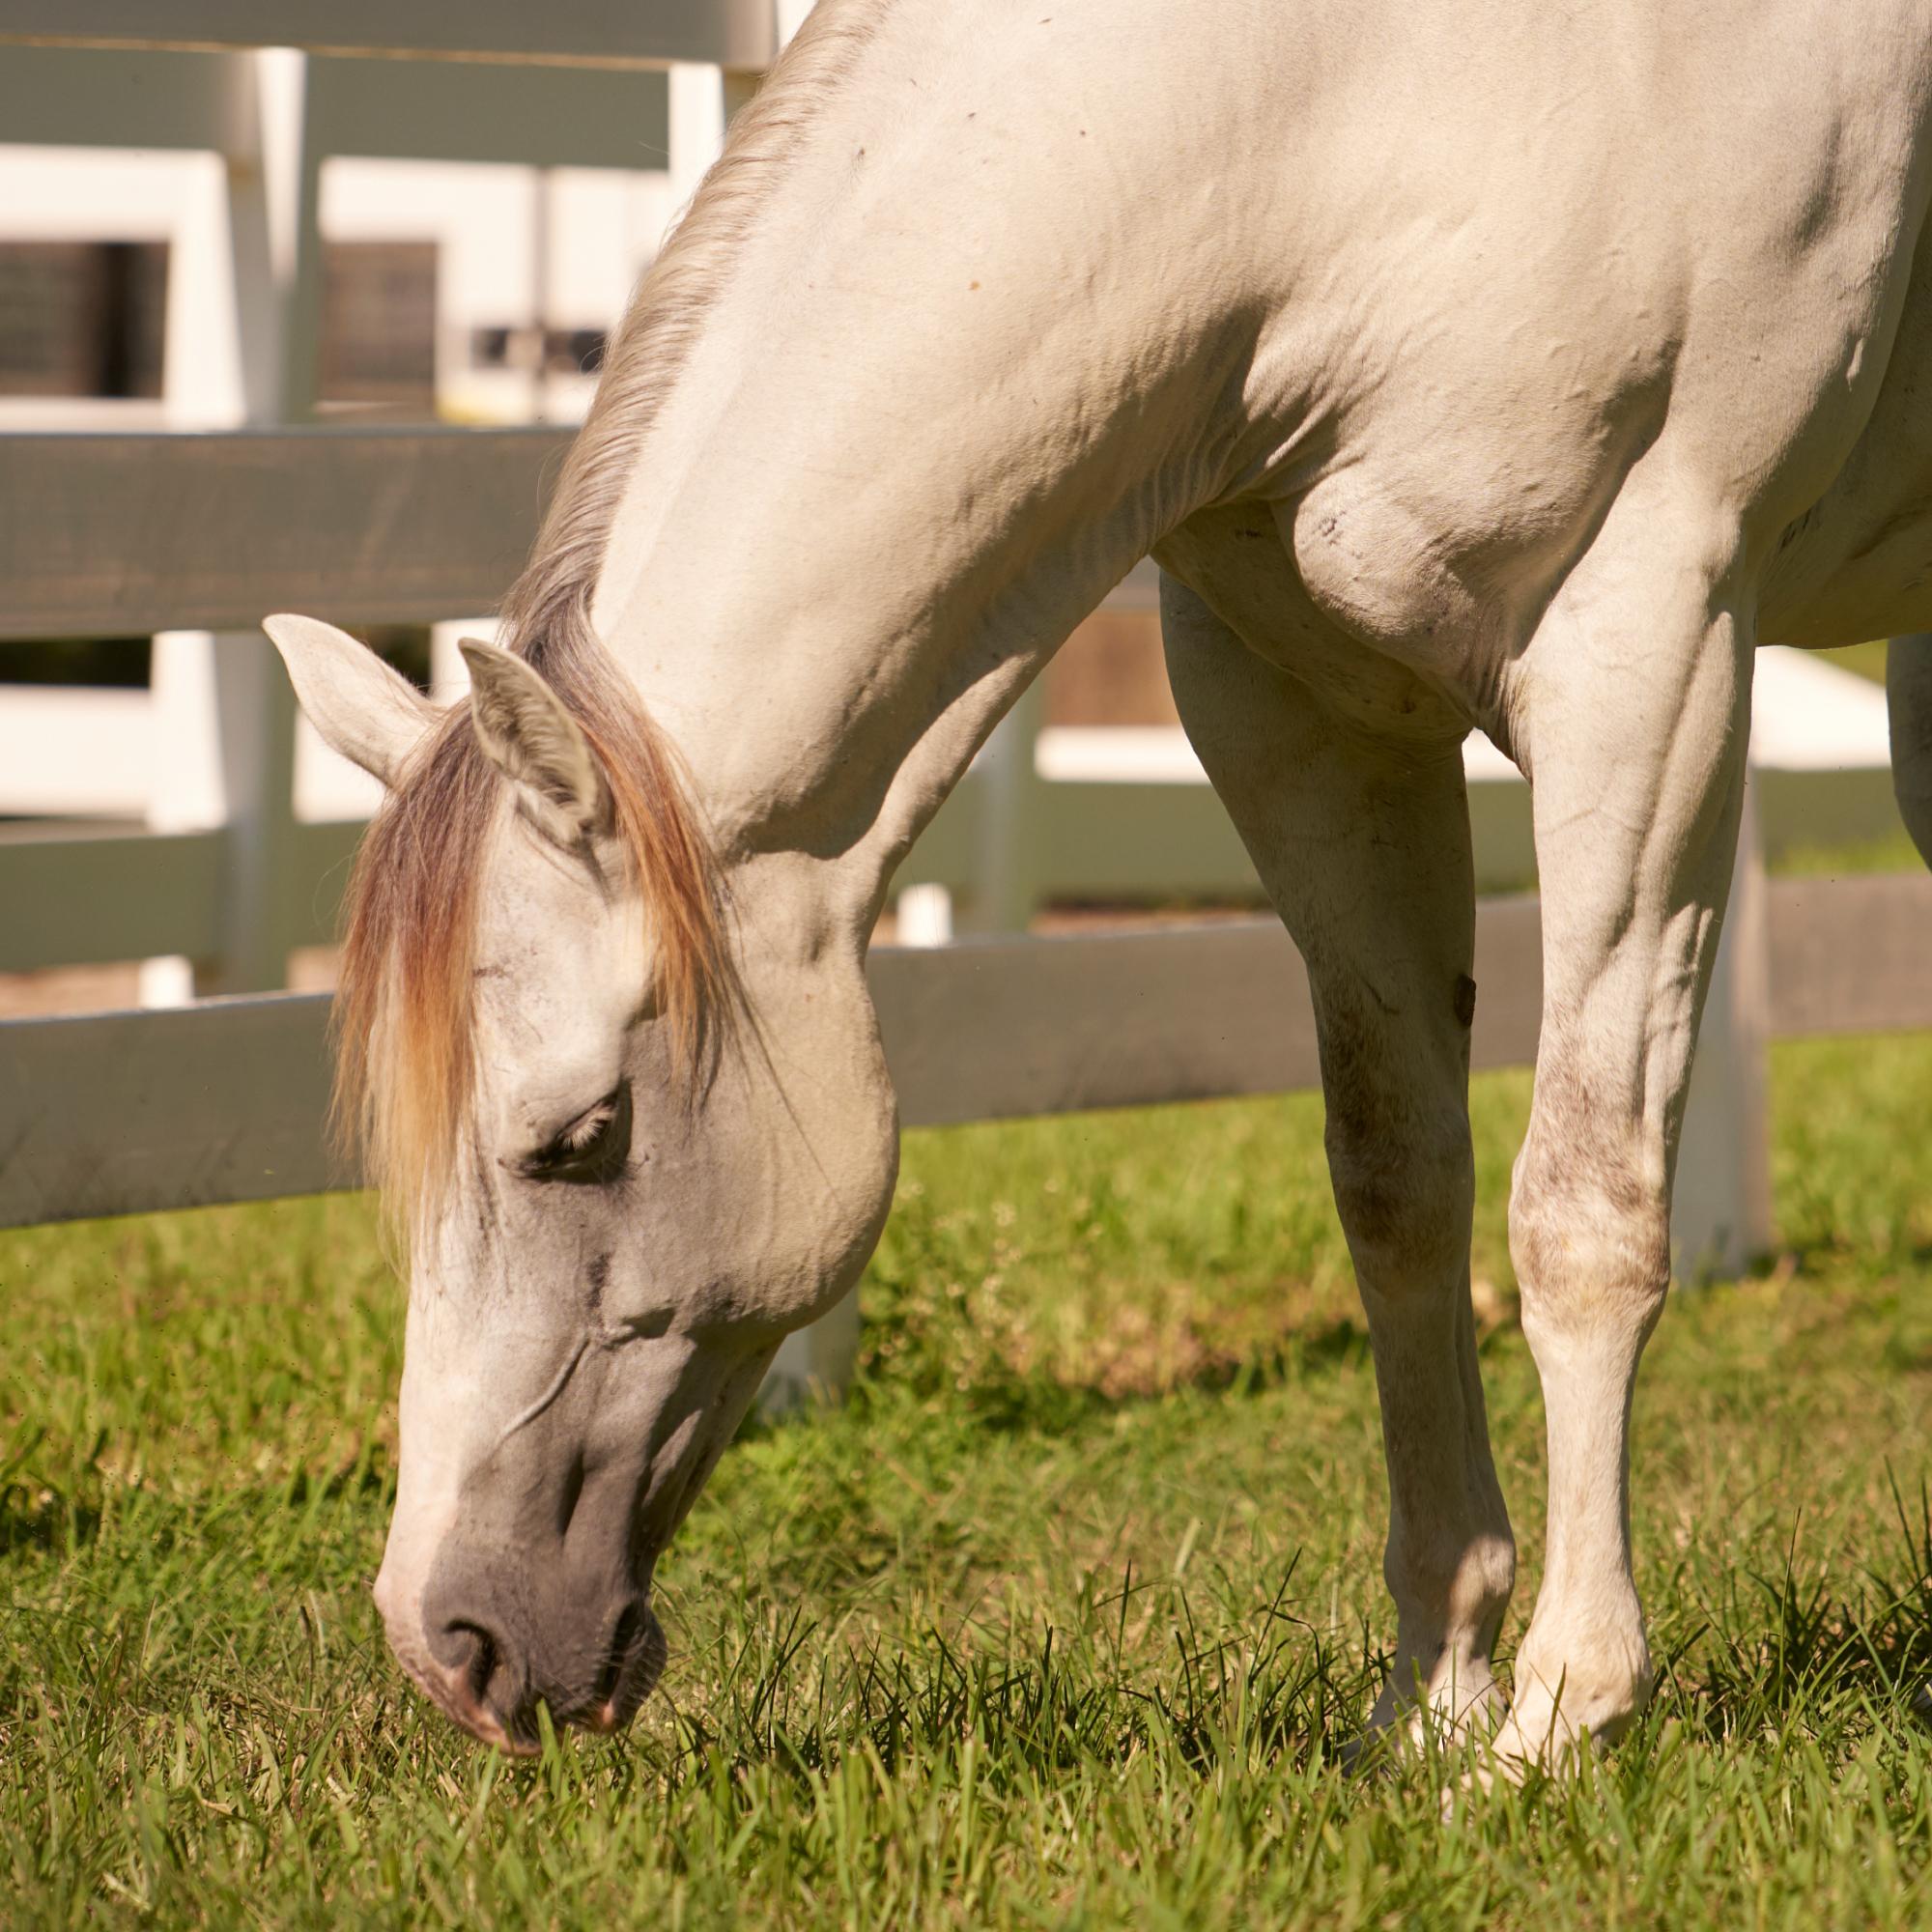 White Horse Eating